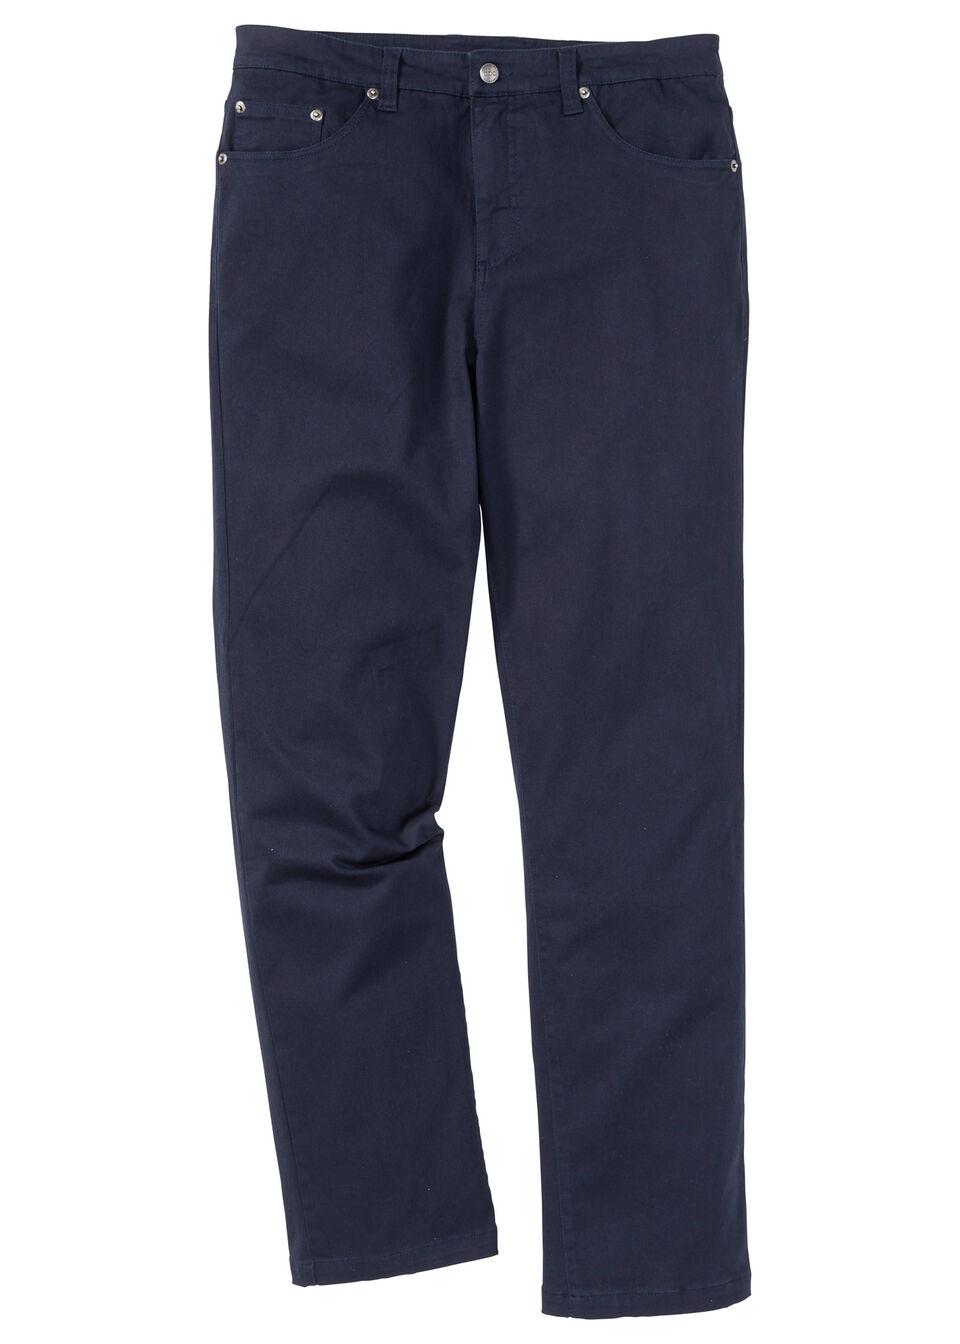 aee52b1f41e4 Strečové nohavice Classic Fit Straight tmavomodrá • 21.99 € • bonprix